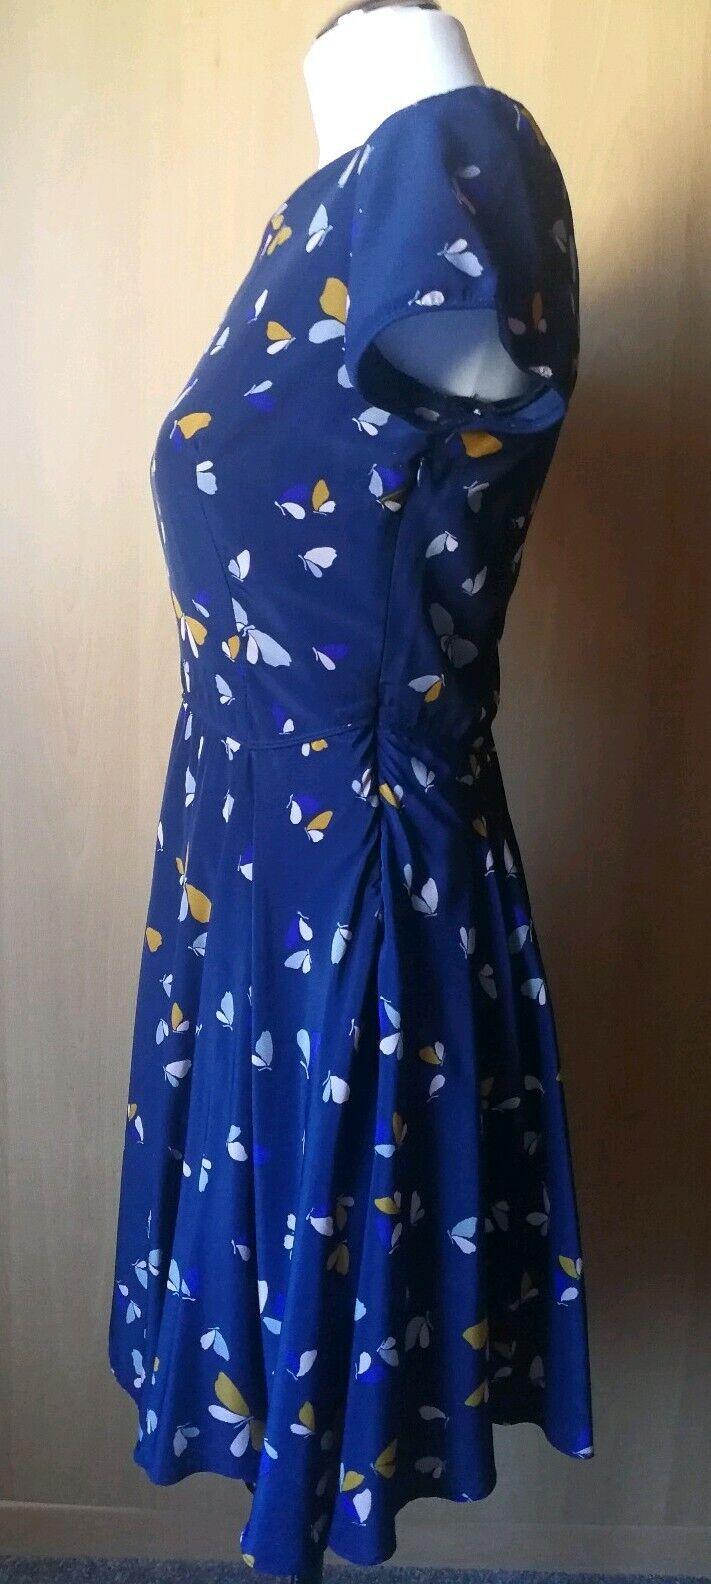 Zara  Kleid dunkelblau mit Schmetterlingenmuster  Gr.S